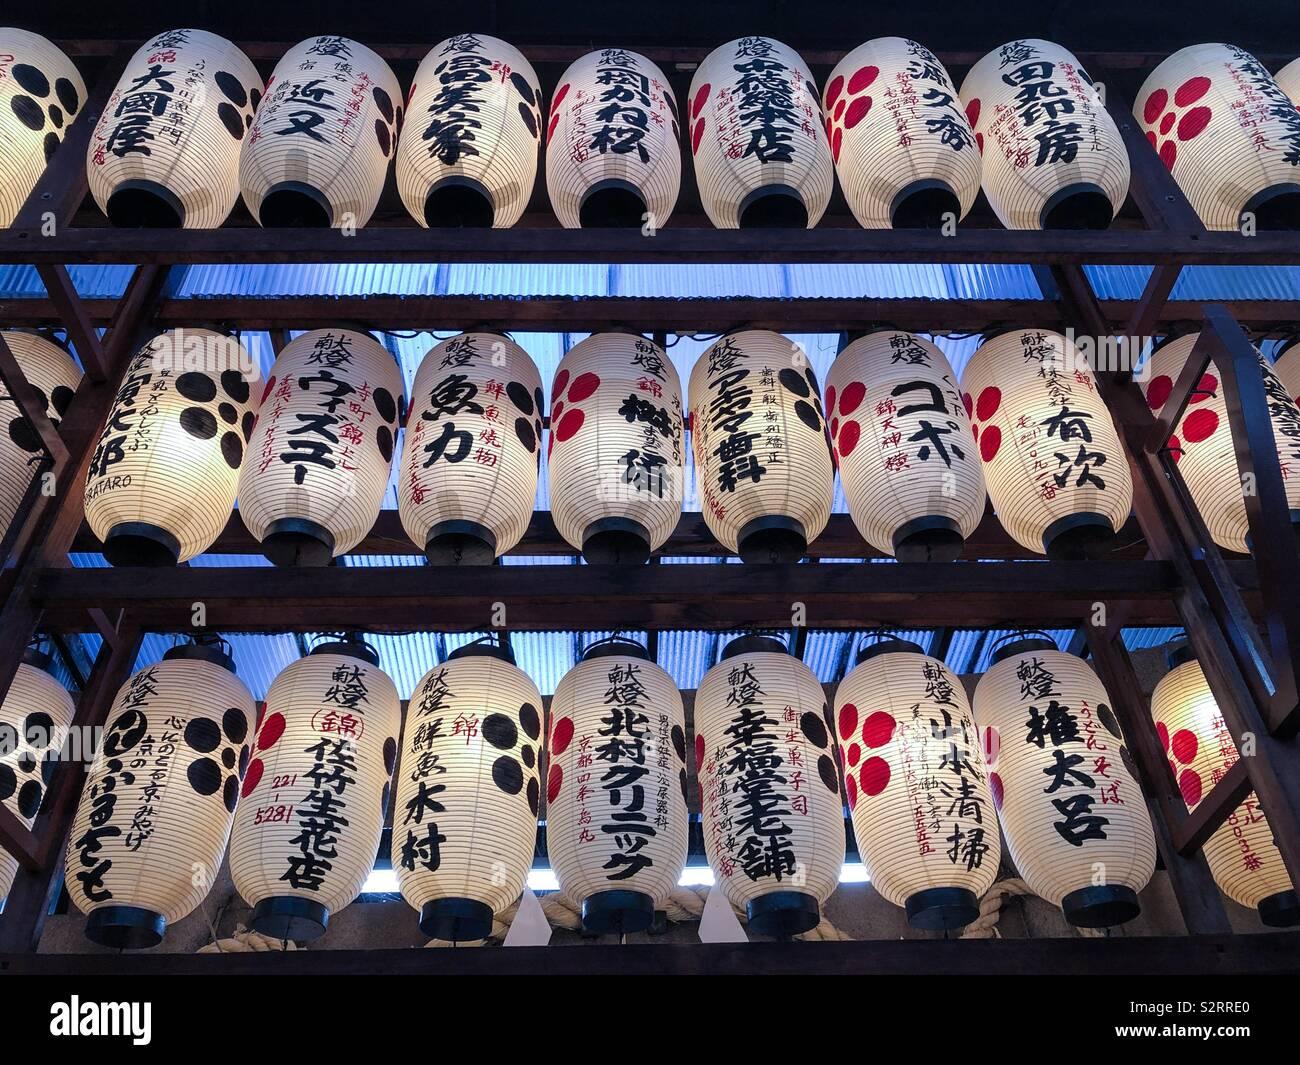 Japanese lanterns in Kyoto Japan. - Stock Image